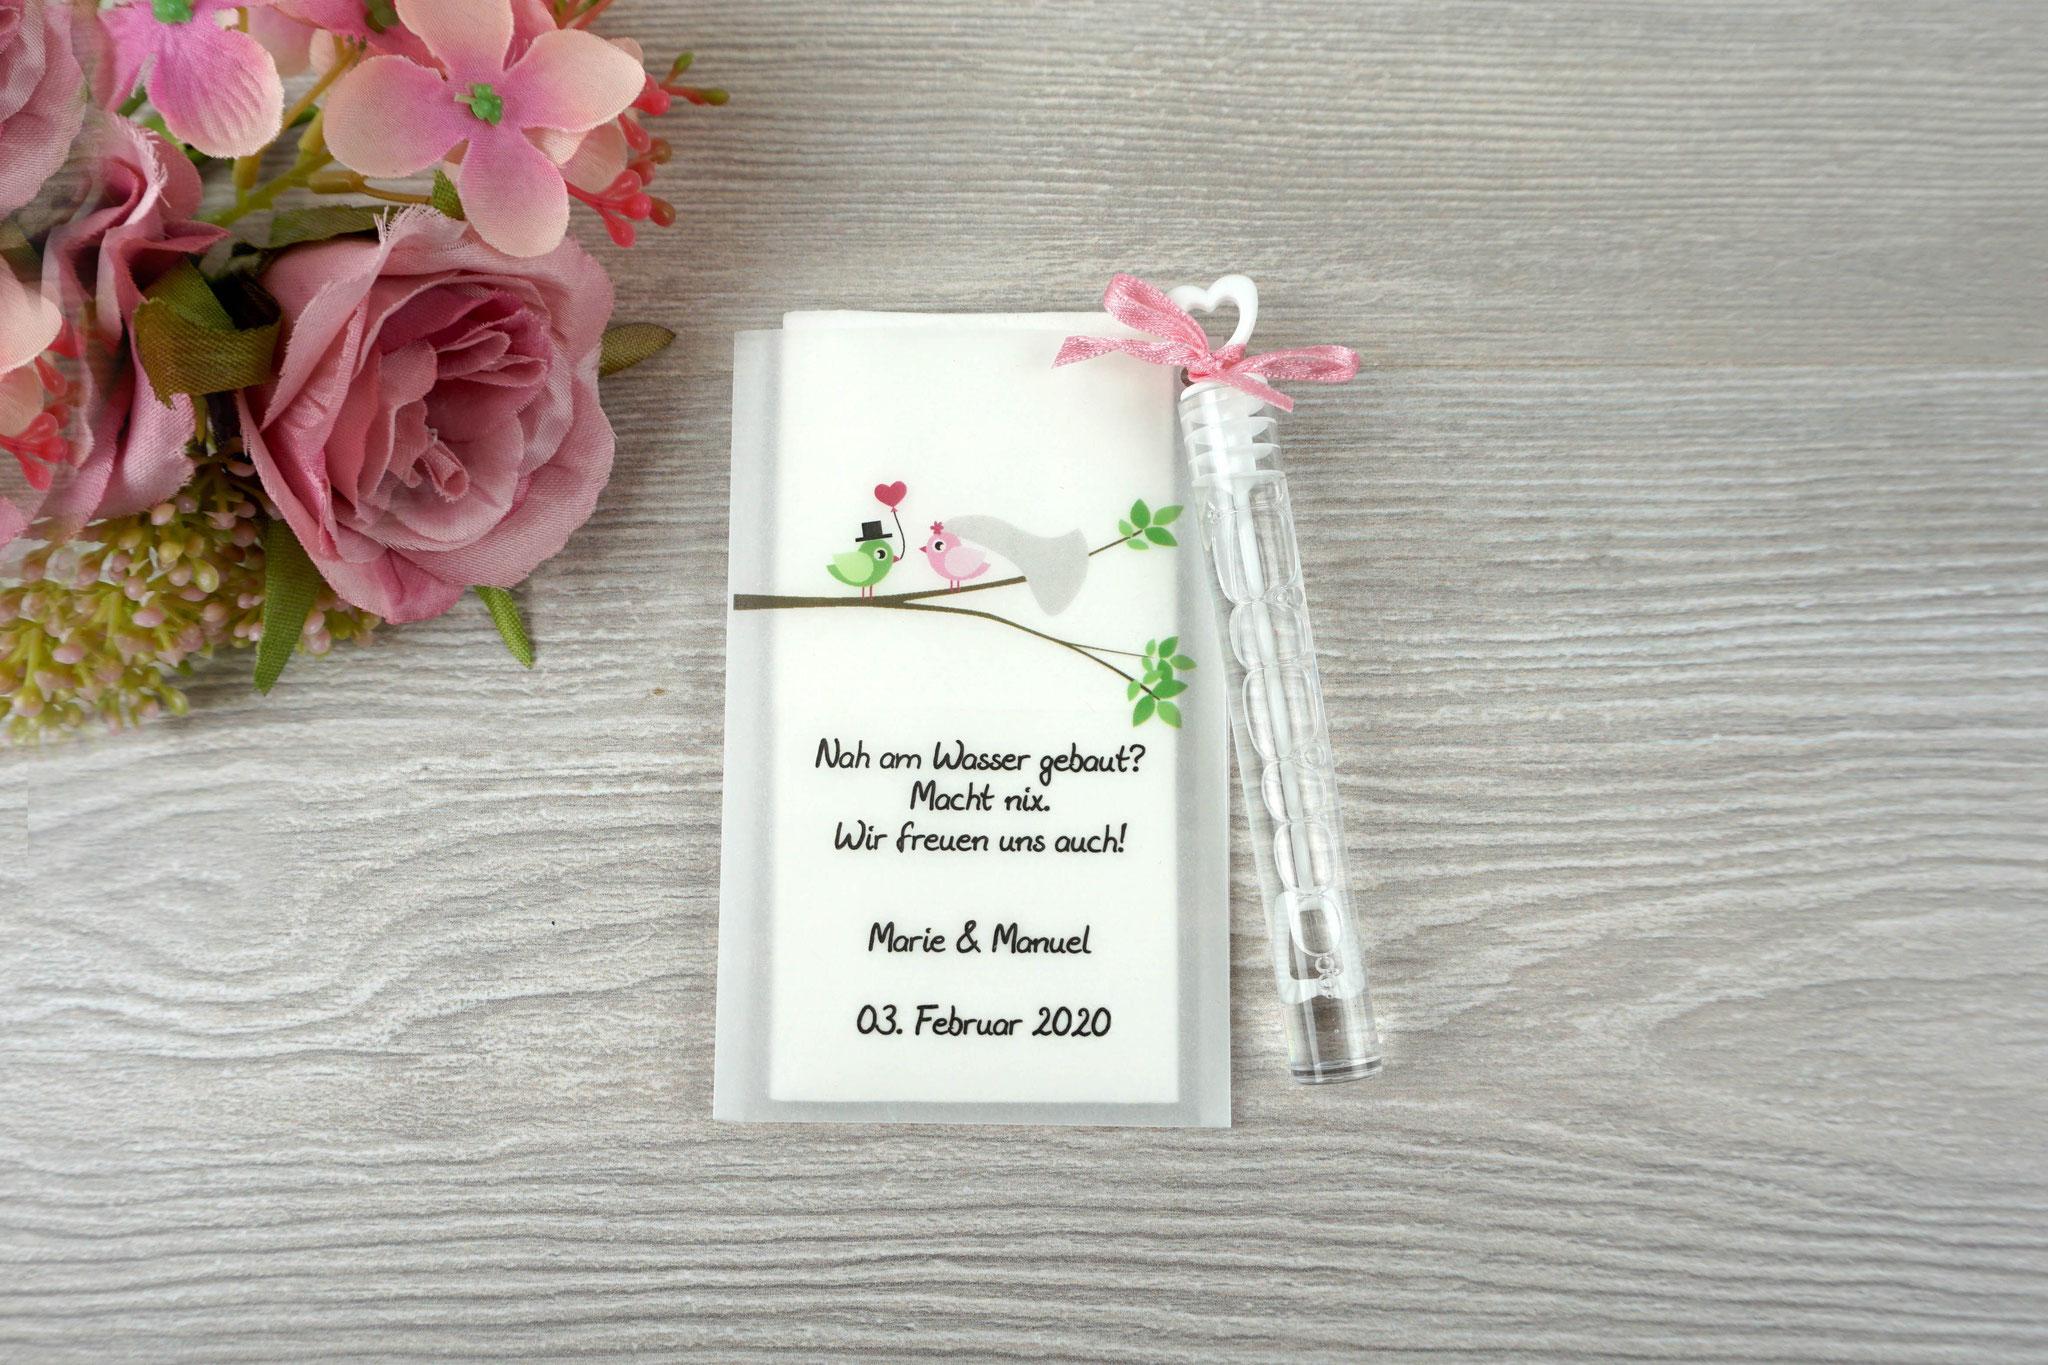 Freudentränen Taschentücher mit Seifenblasen, Design Hochzeitsvögel auf verzweigtem Ast, Farbe puderrosa/grün, Satinband